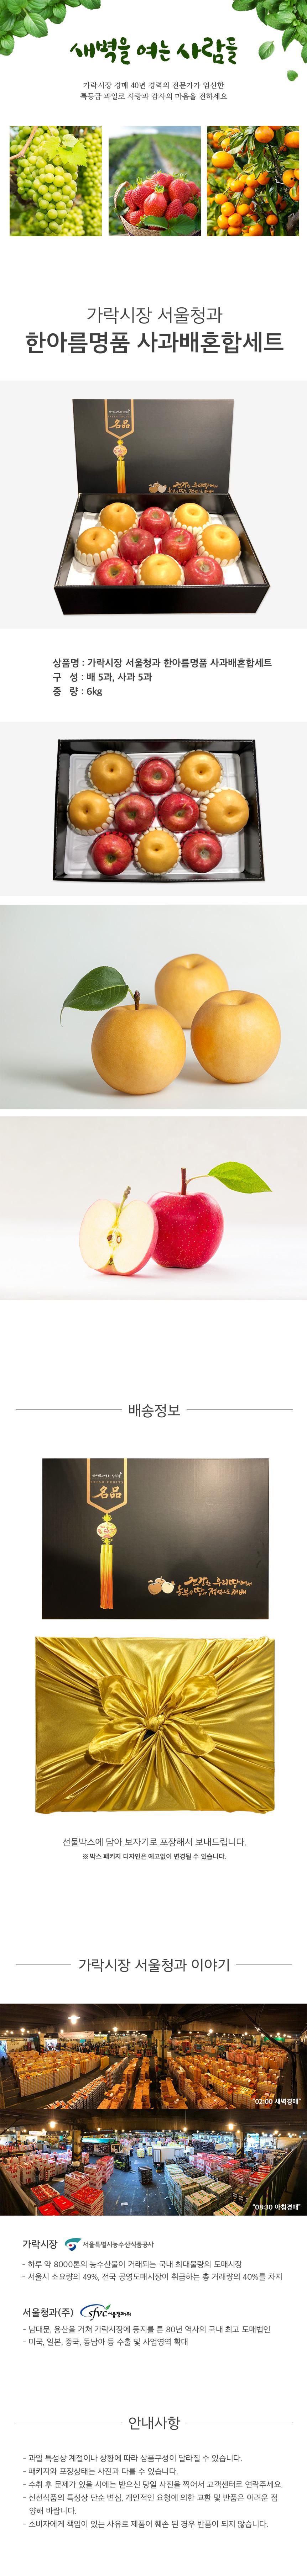 가락시장 서울청과 한아름명품 사과배 혼합세트 (배 5과+사과 5과)